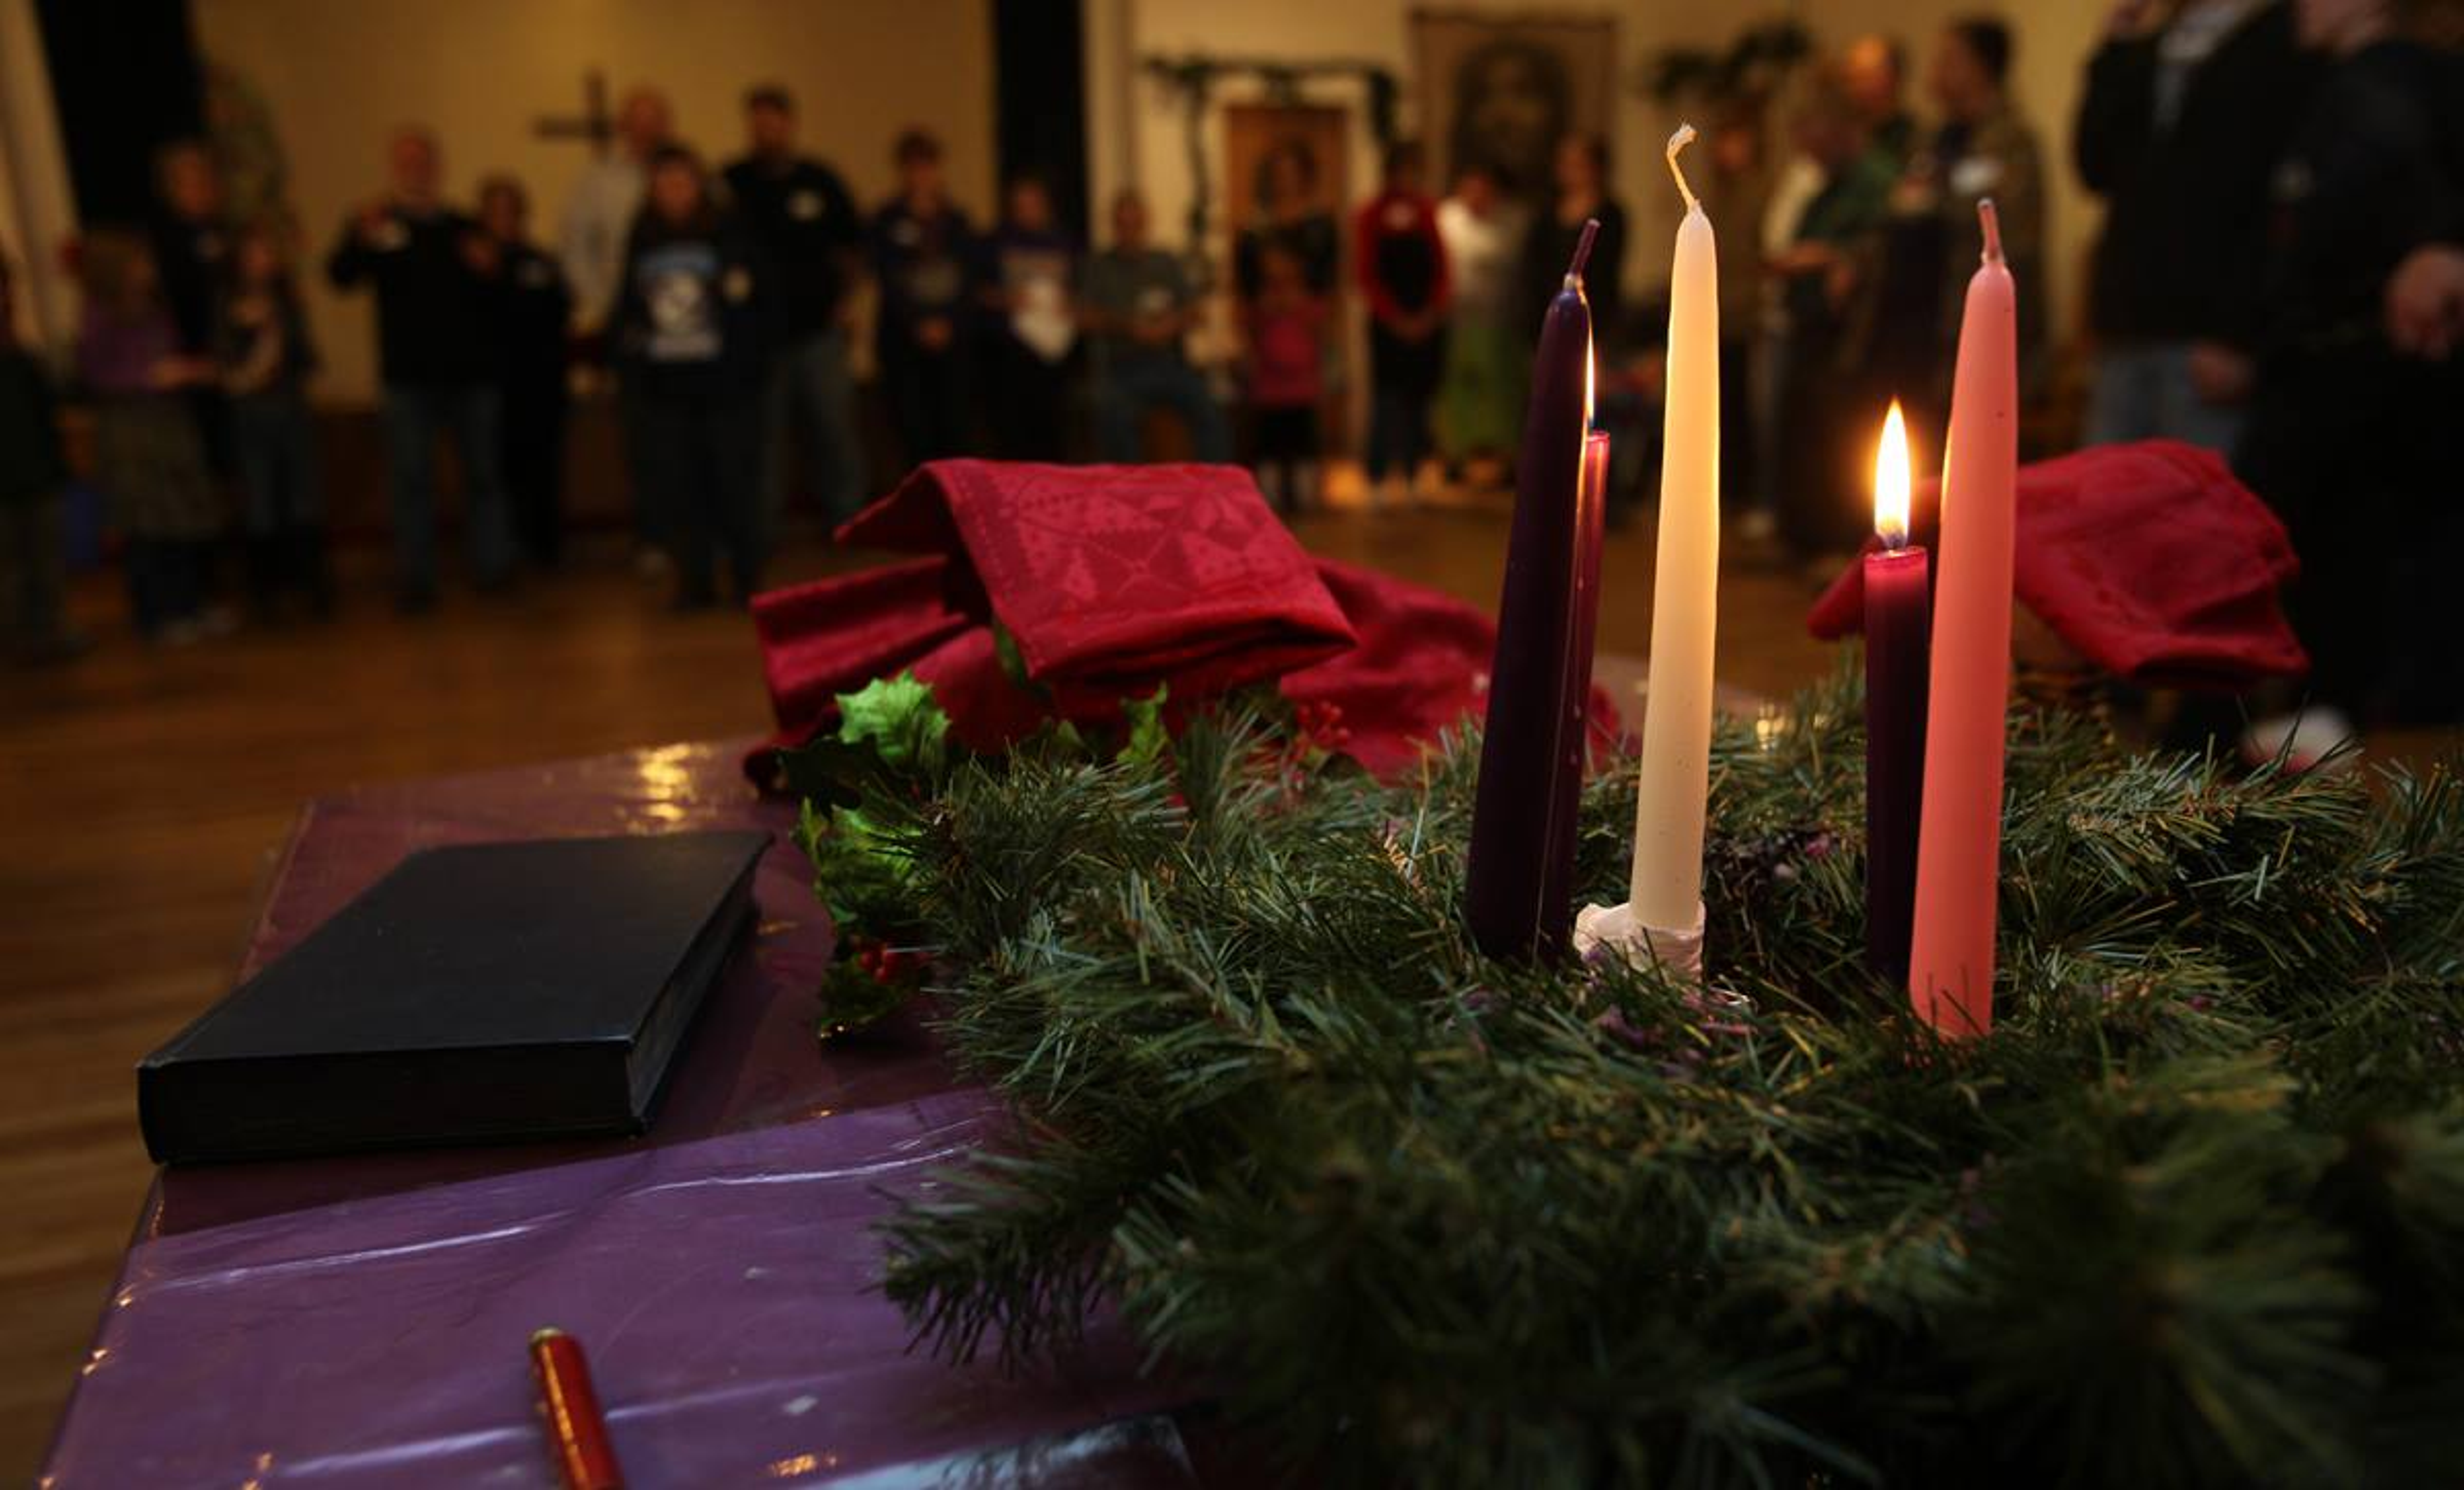 La Pregunta Metodista: ¿Qué significan las velas en la corona de Adviento?  | United Methodist News Service